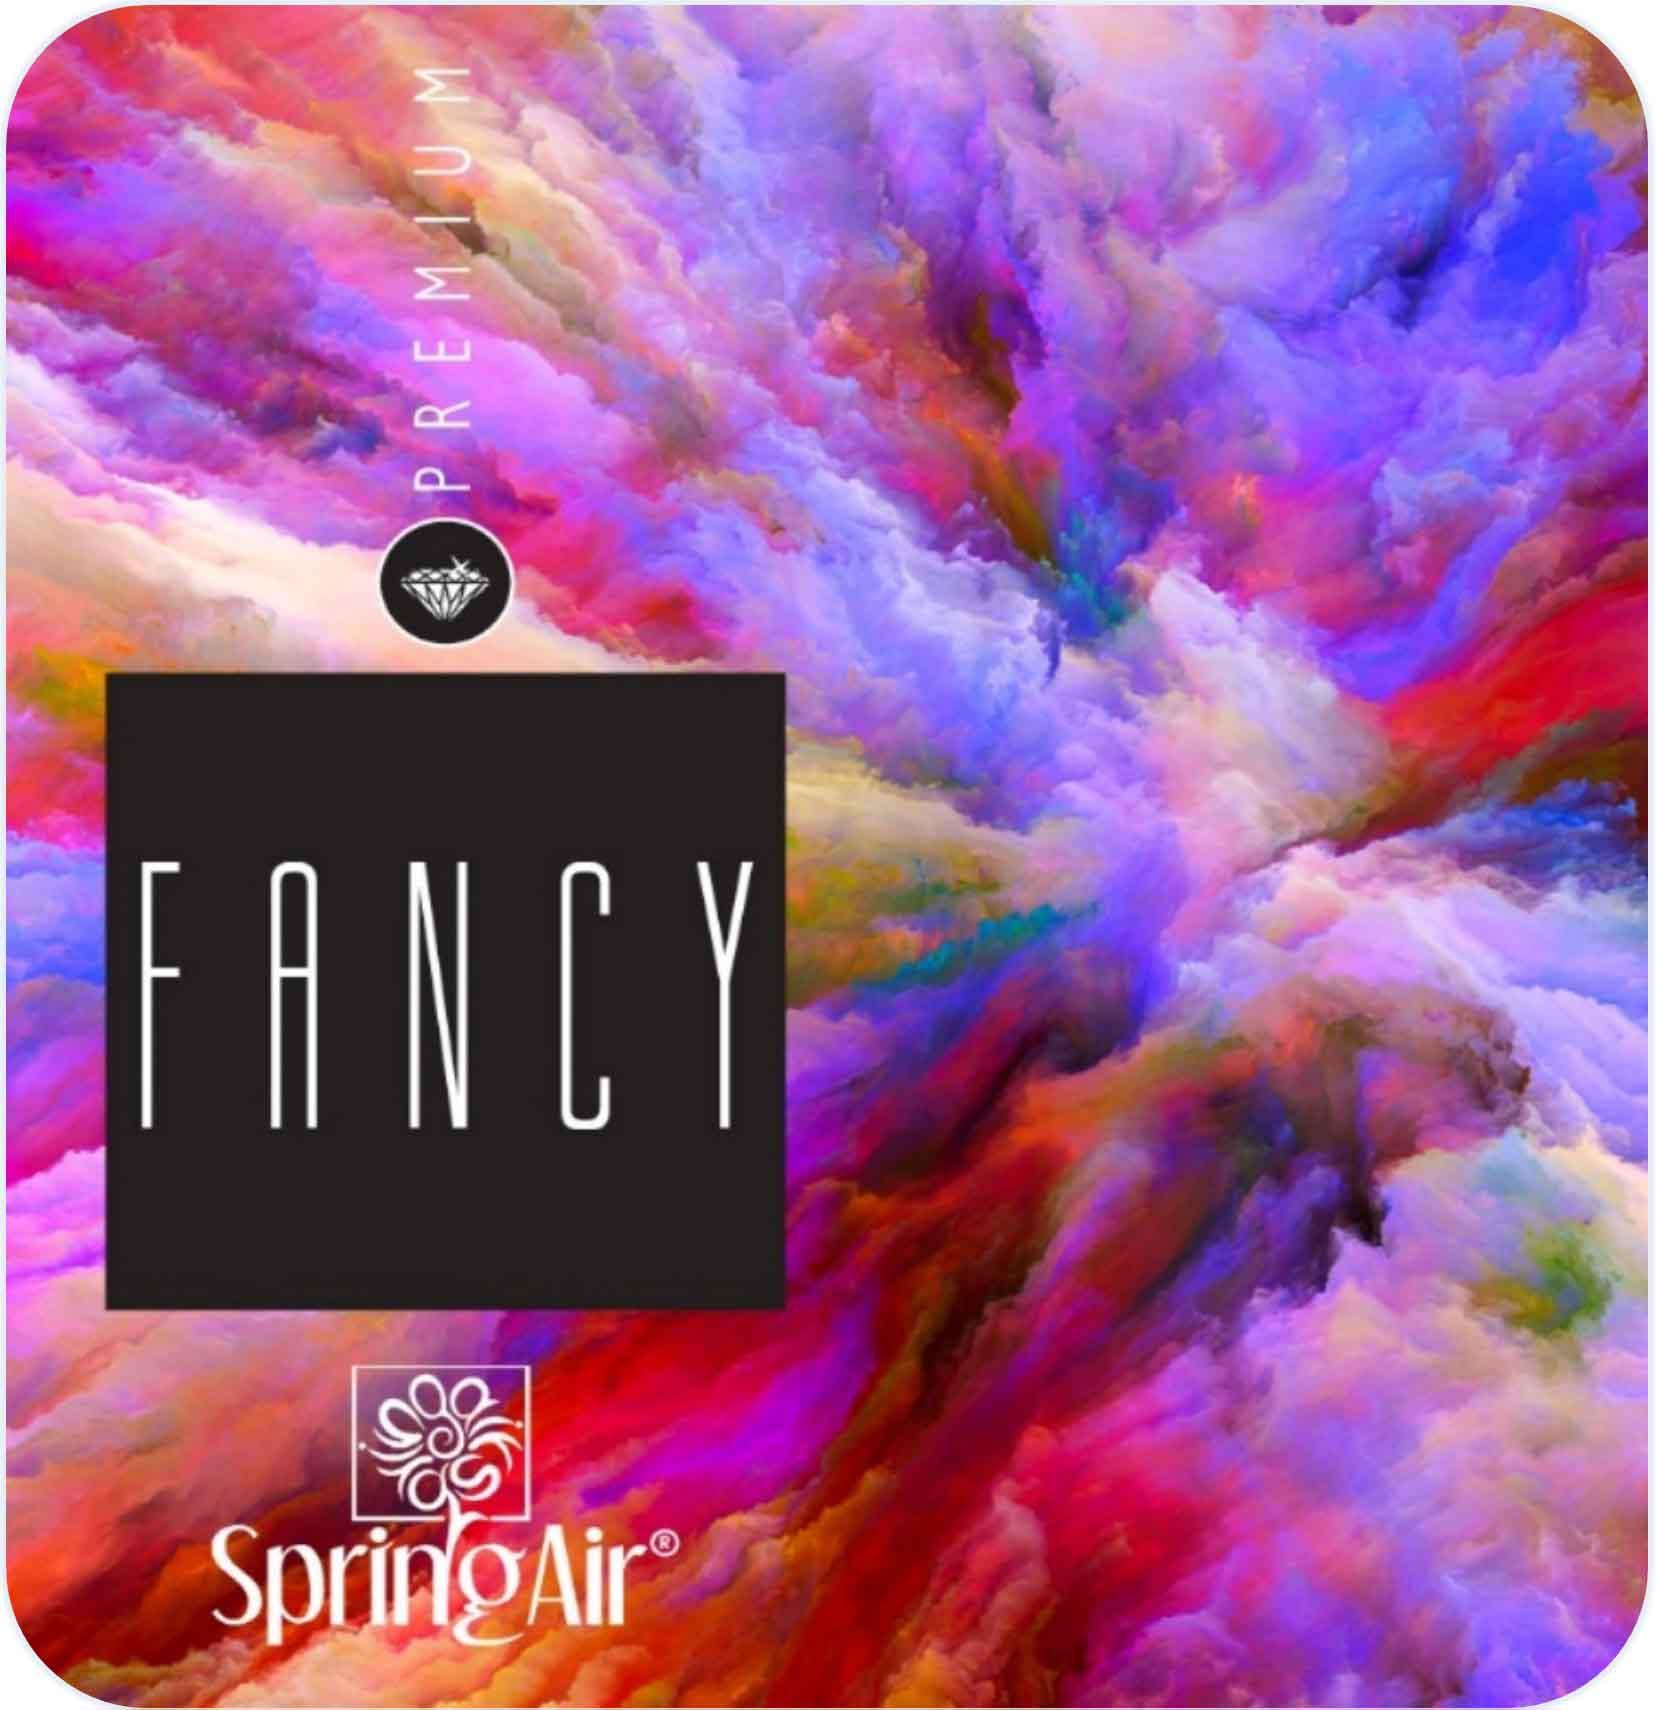 fancy (1)